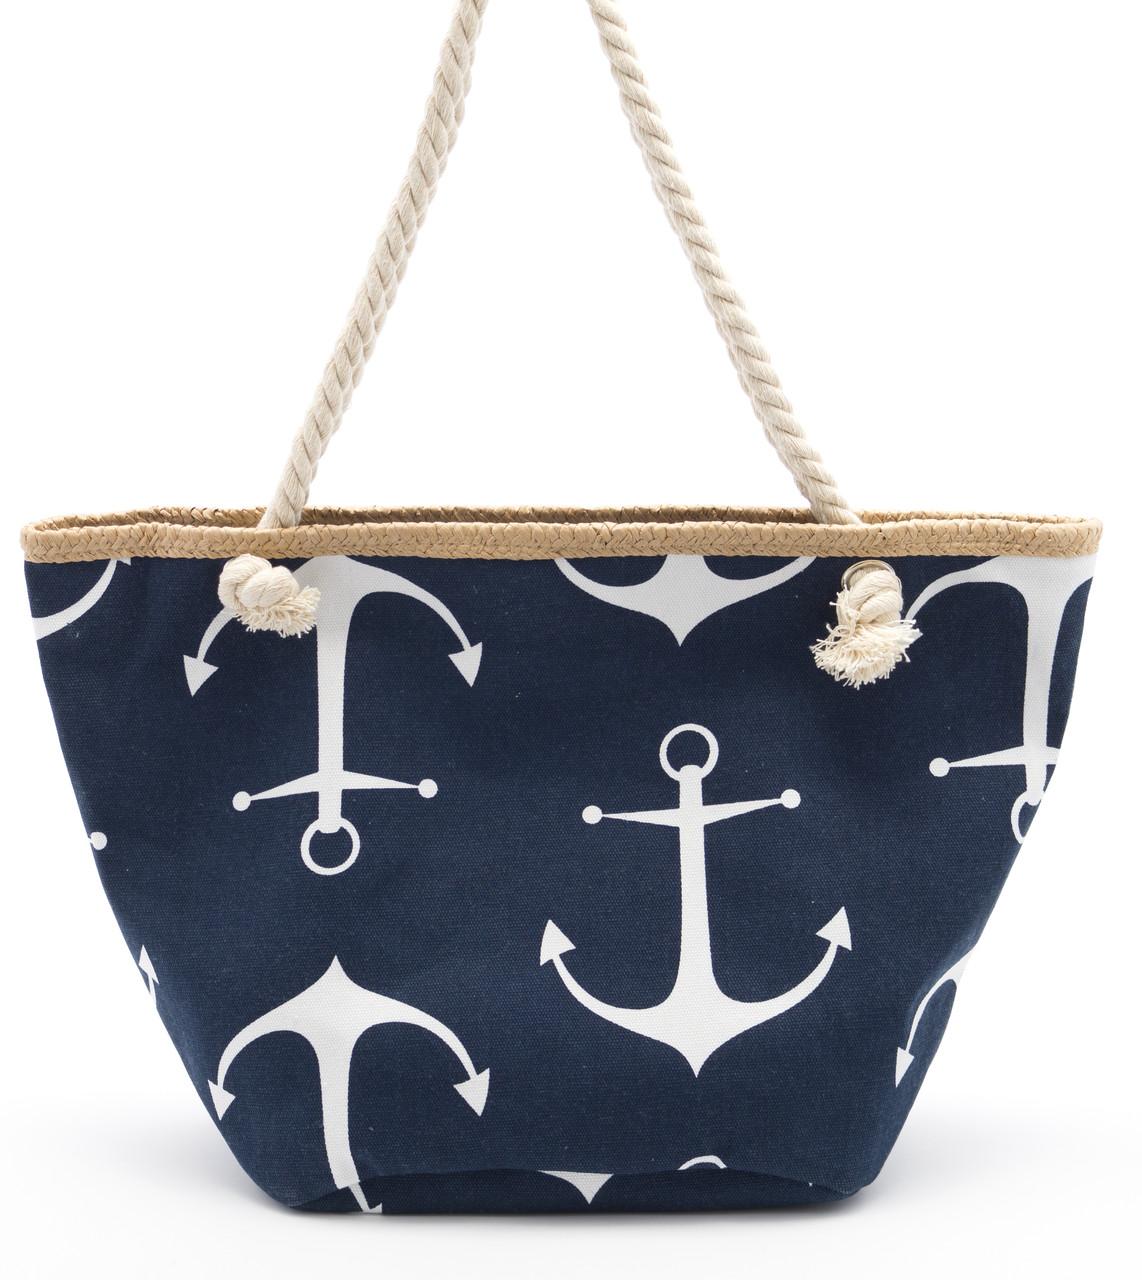 Синяя женская пляжная сумка с якорями Б/Н art. 9463